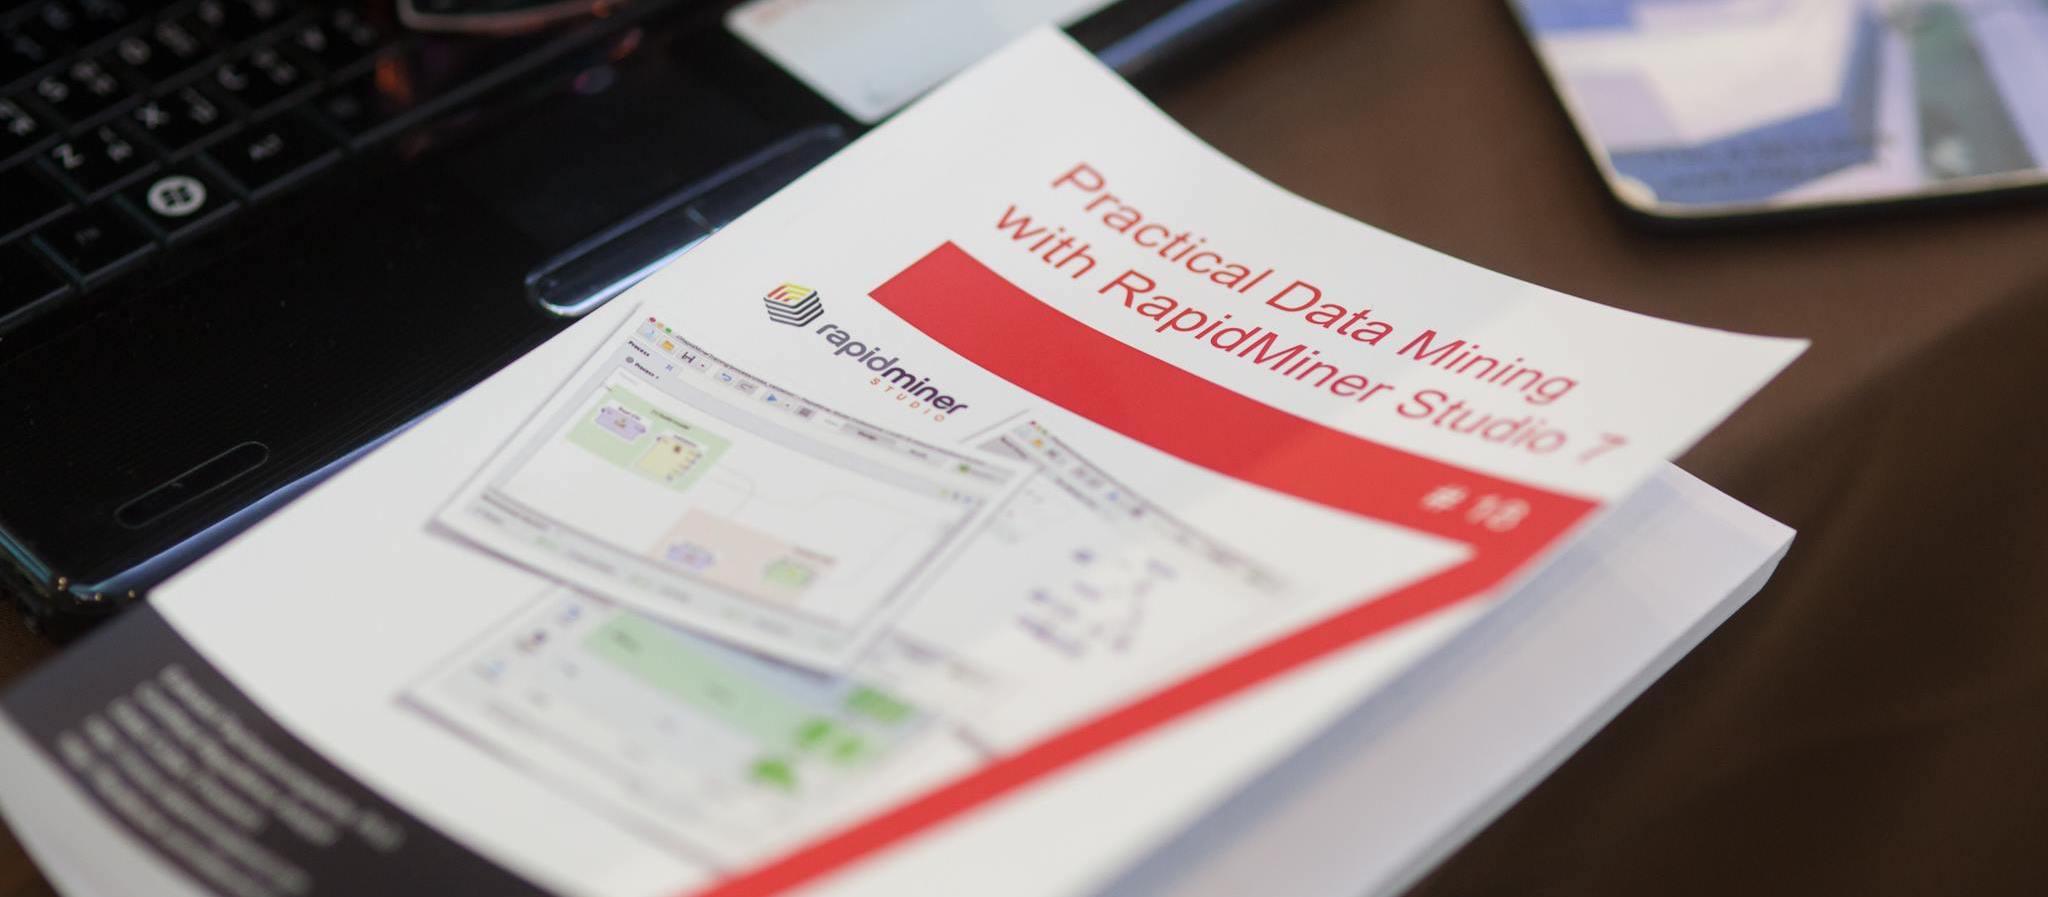 หลักสูตรการวิเคราะห์ข้อมูลด้วยเทคนิค Data Mining โดยซอฟต์แวร์ RapidMiner Studio 9 (ขั้นพื้นฐานและปานกลาง) รุ่นที่ 37